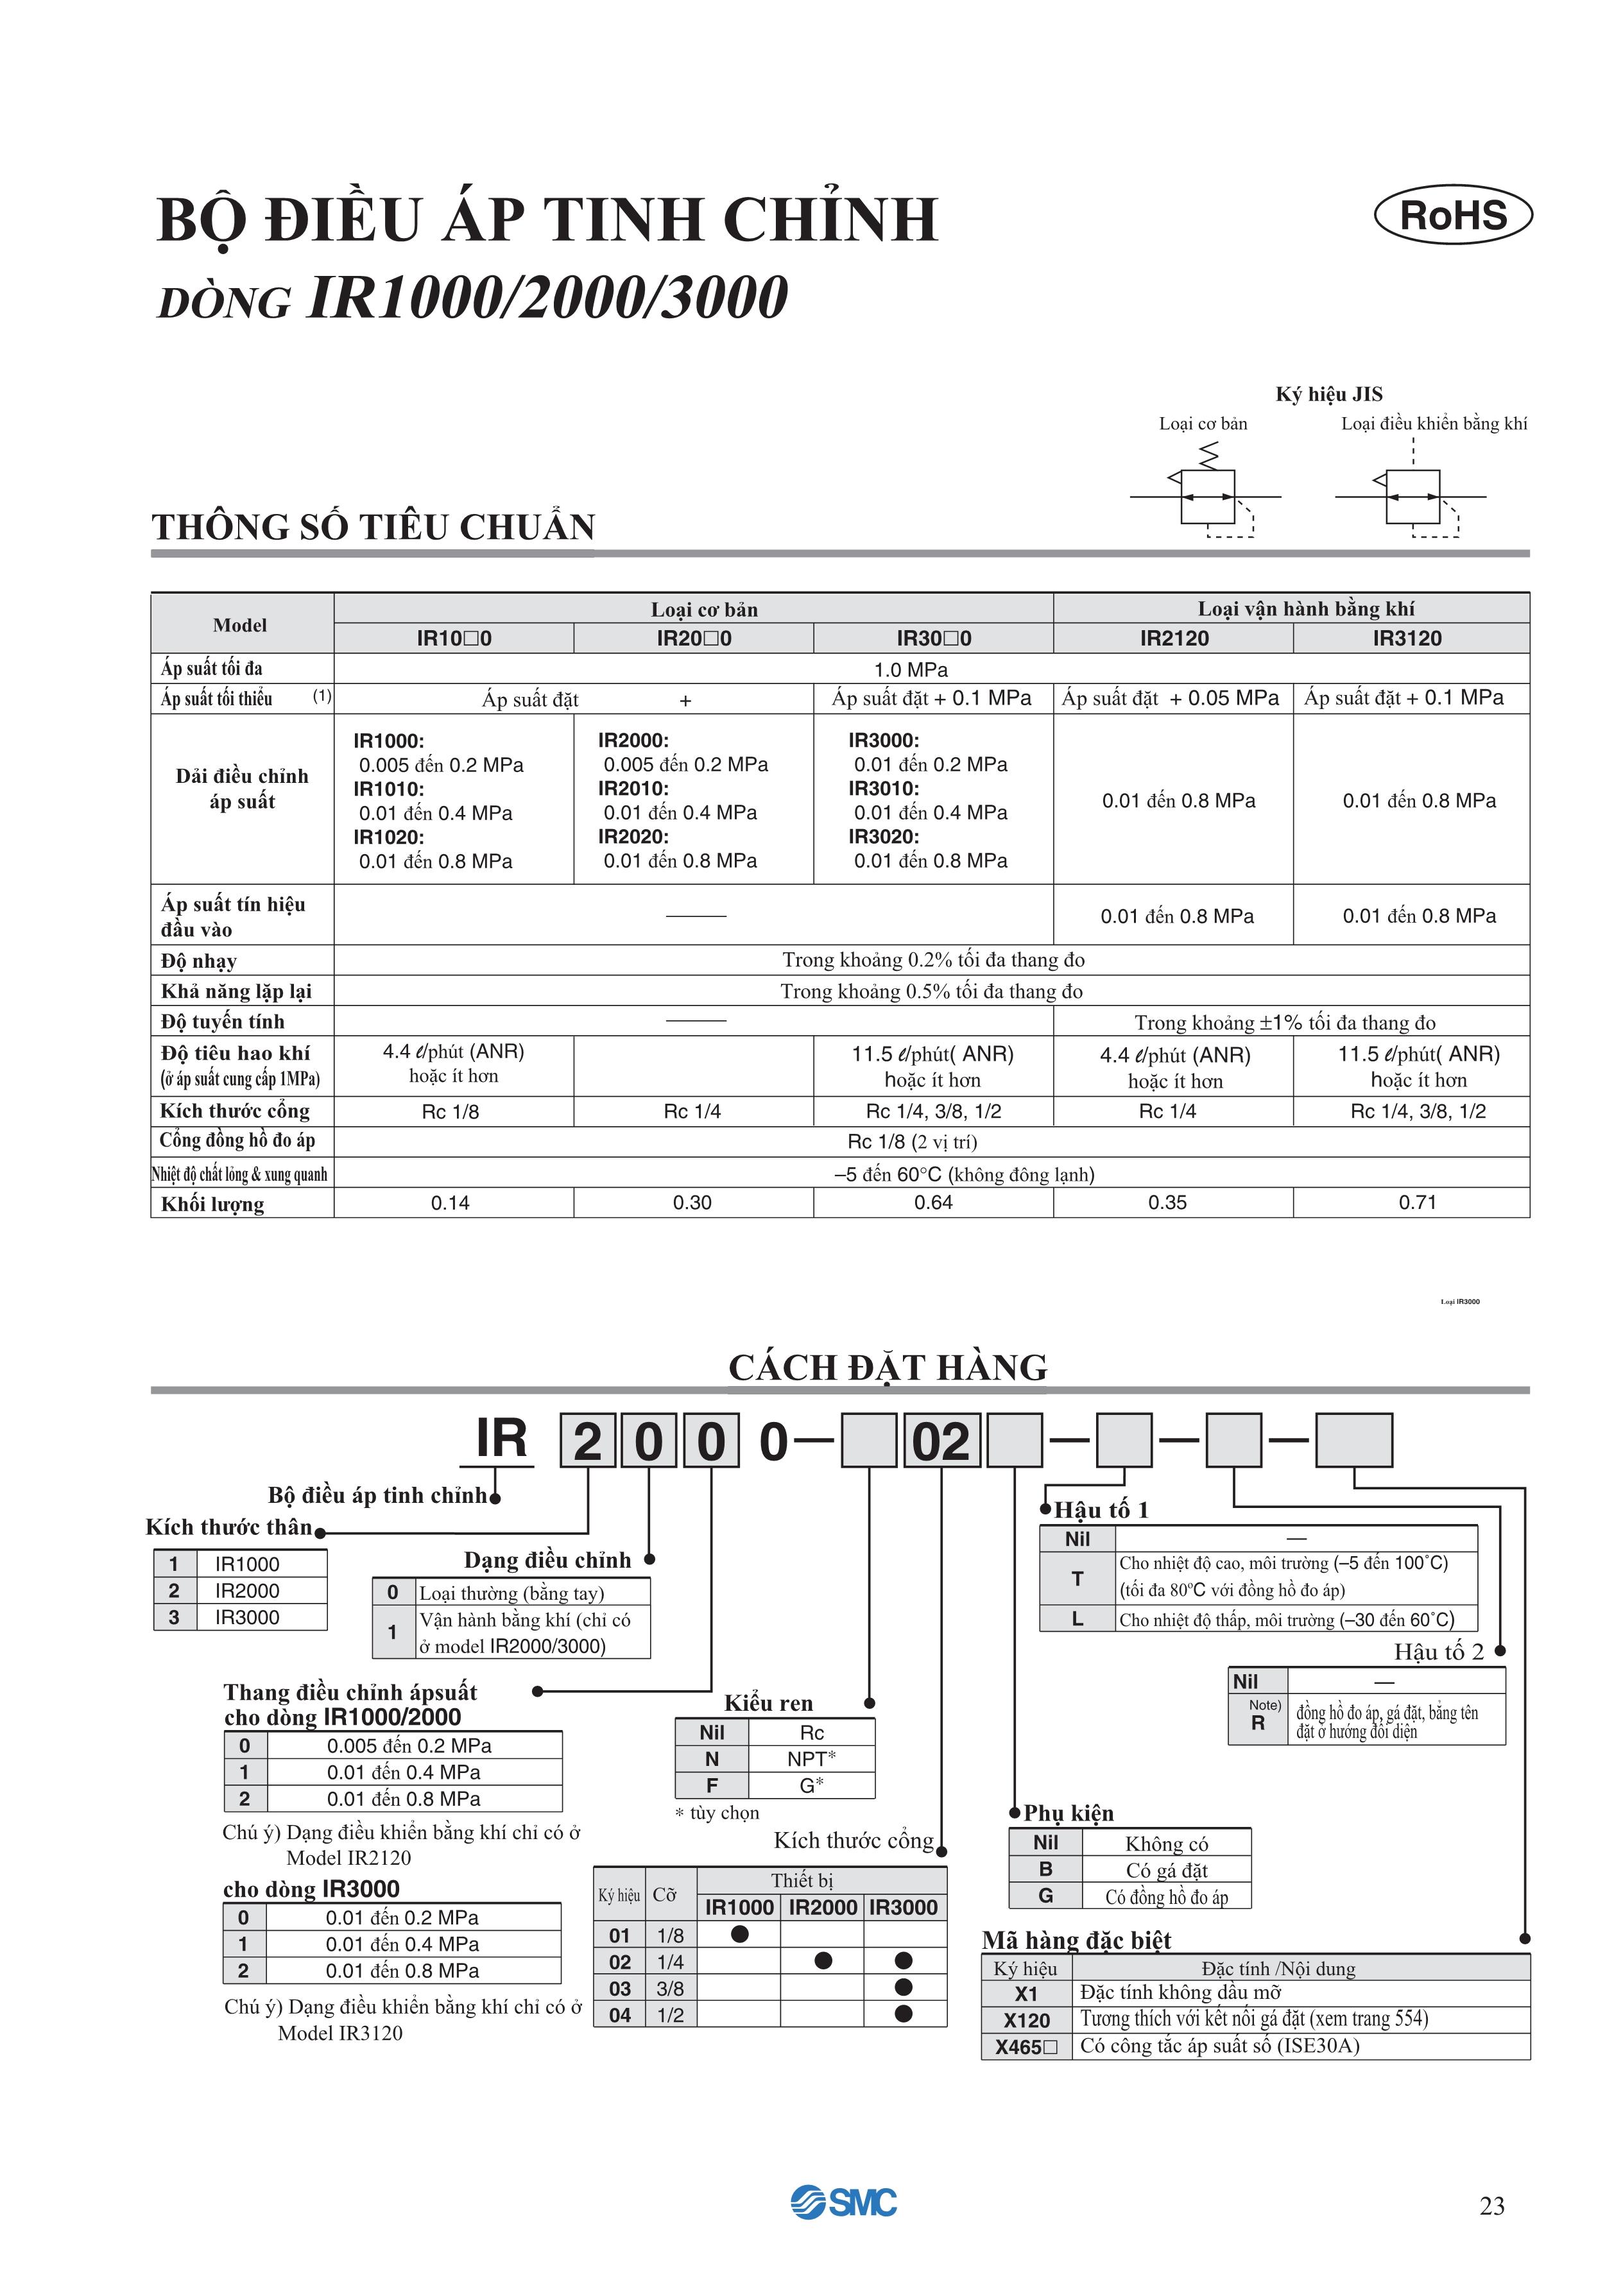 Thiết bị khí nén SMC - Bộ điều áp dòng IR1000/2000/3000